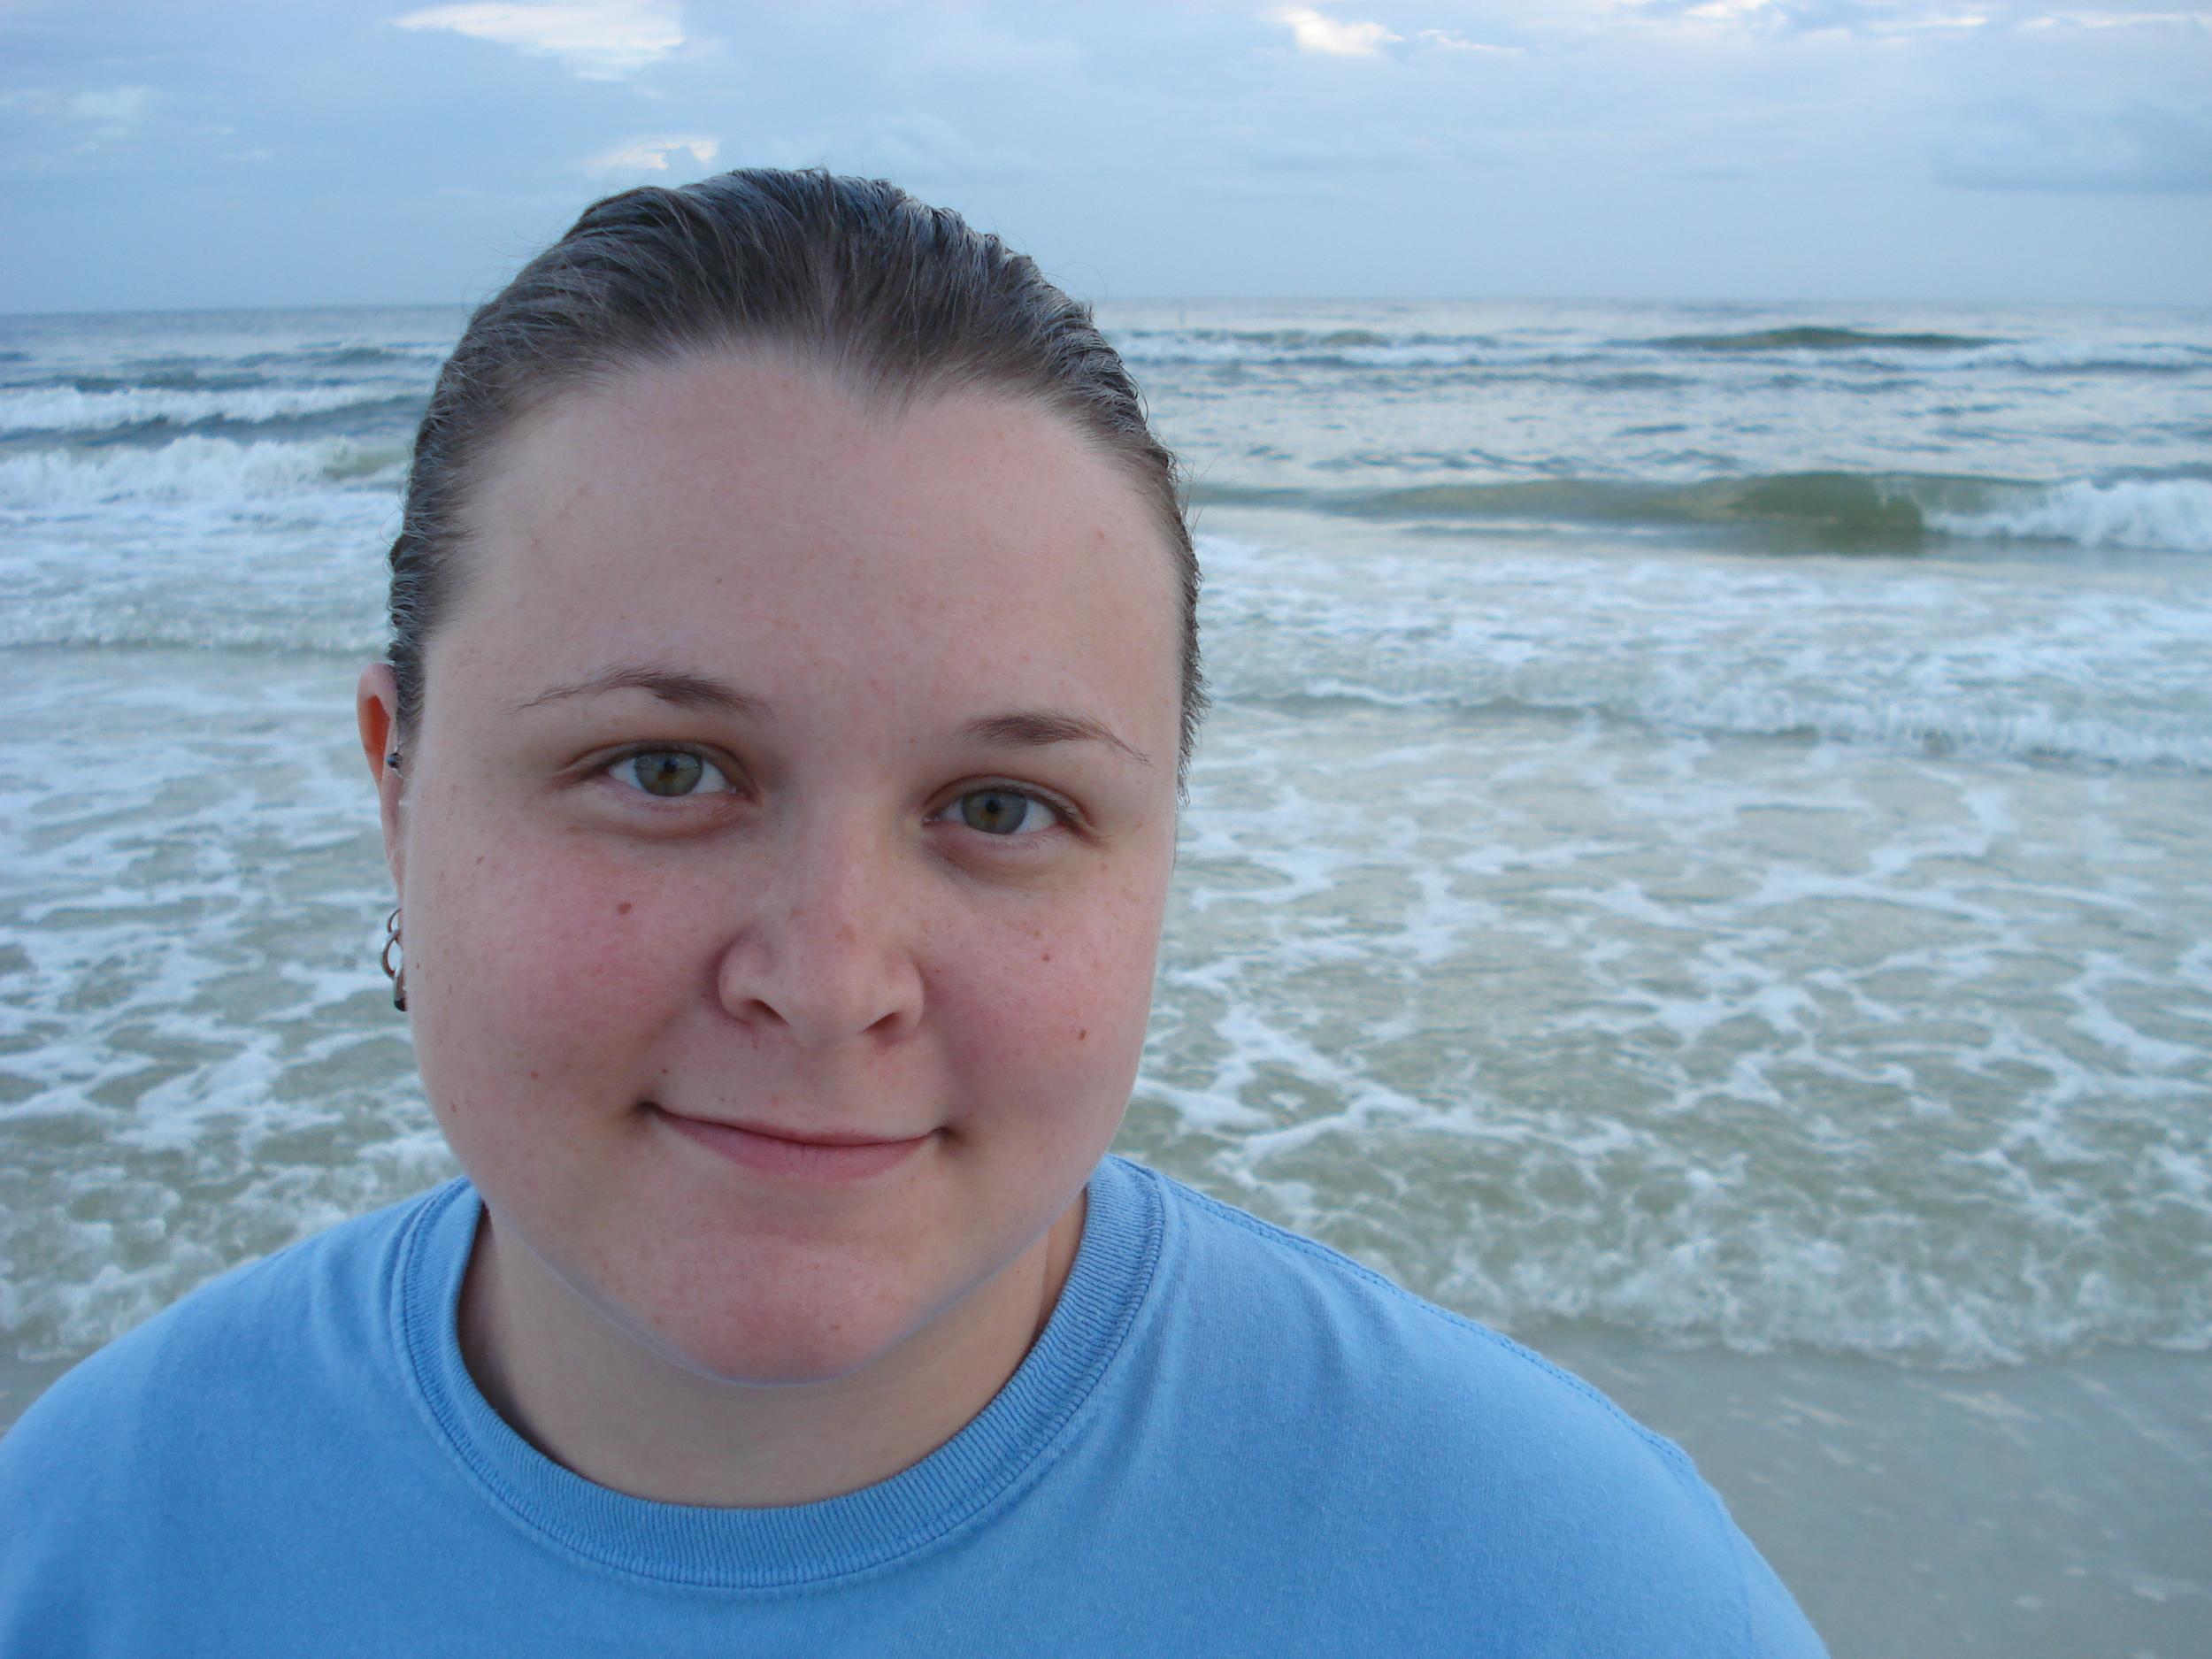 September 13, 2009, on honeymoon.